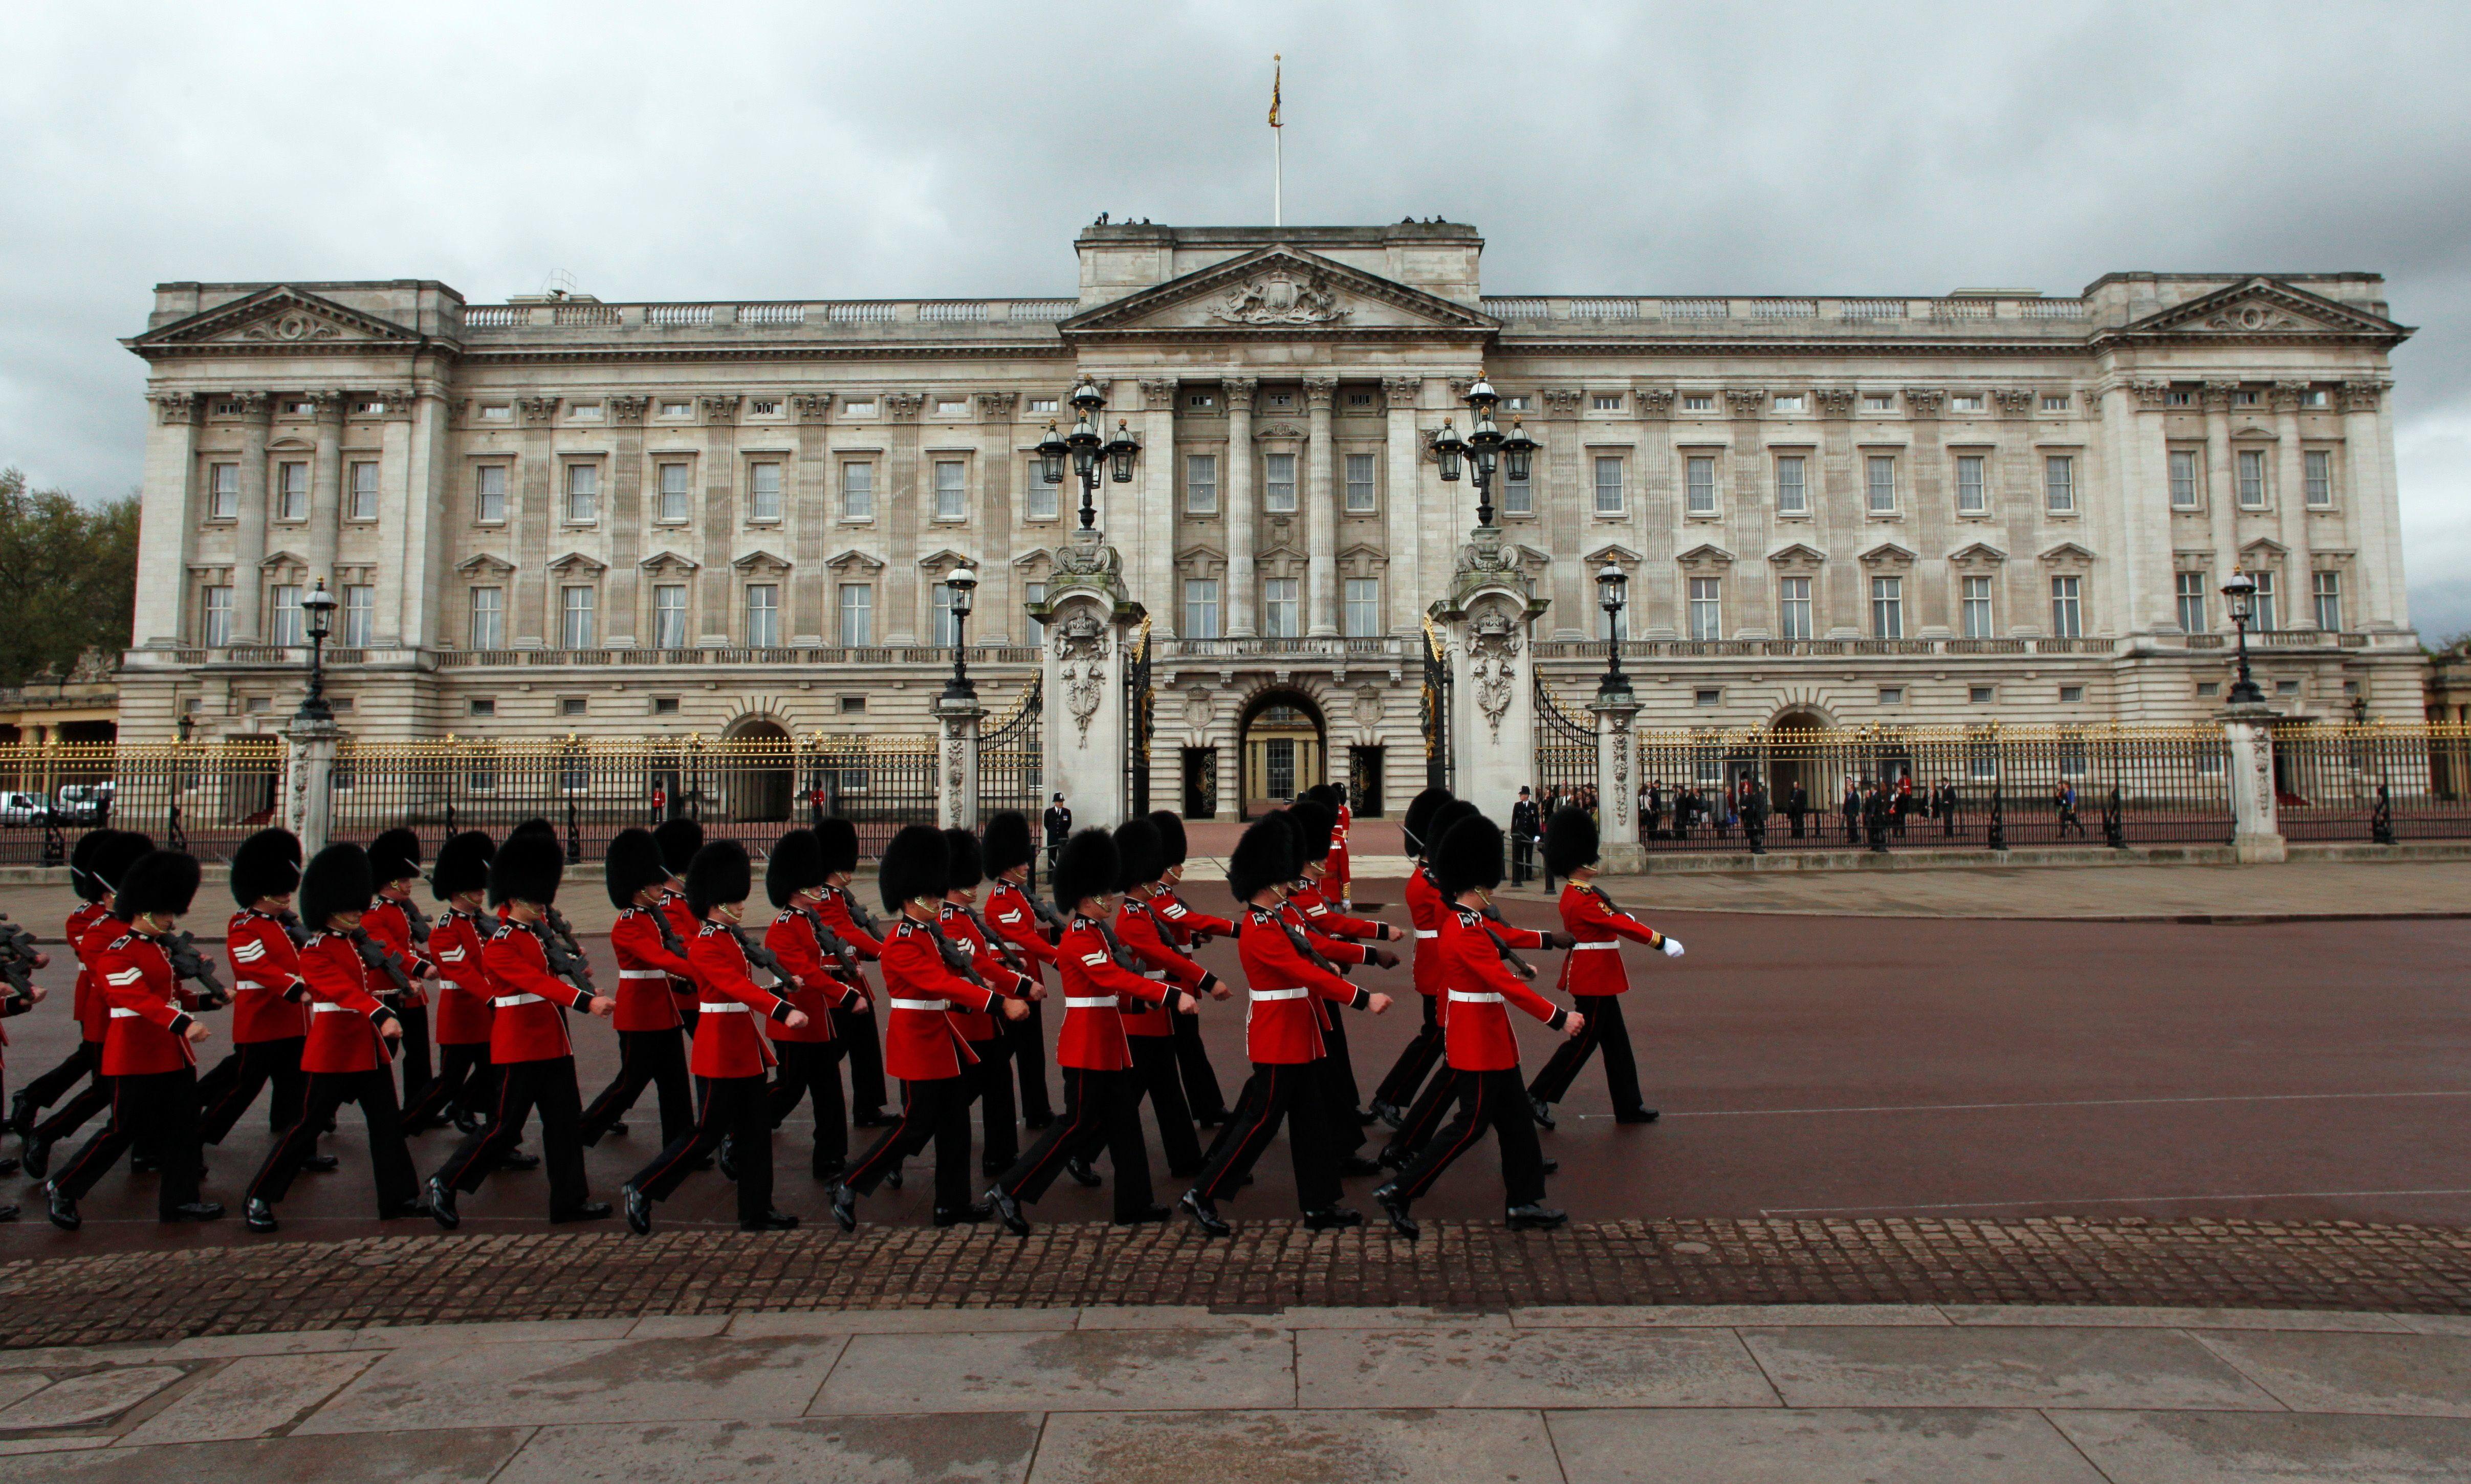 Londres : un homme attaque deux policiers devant le palais de Buckingham